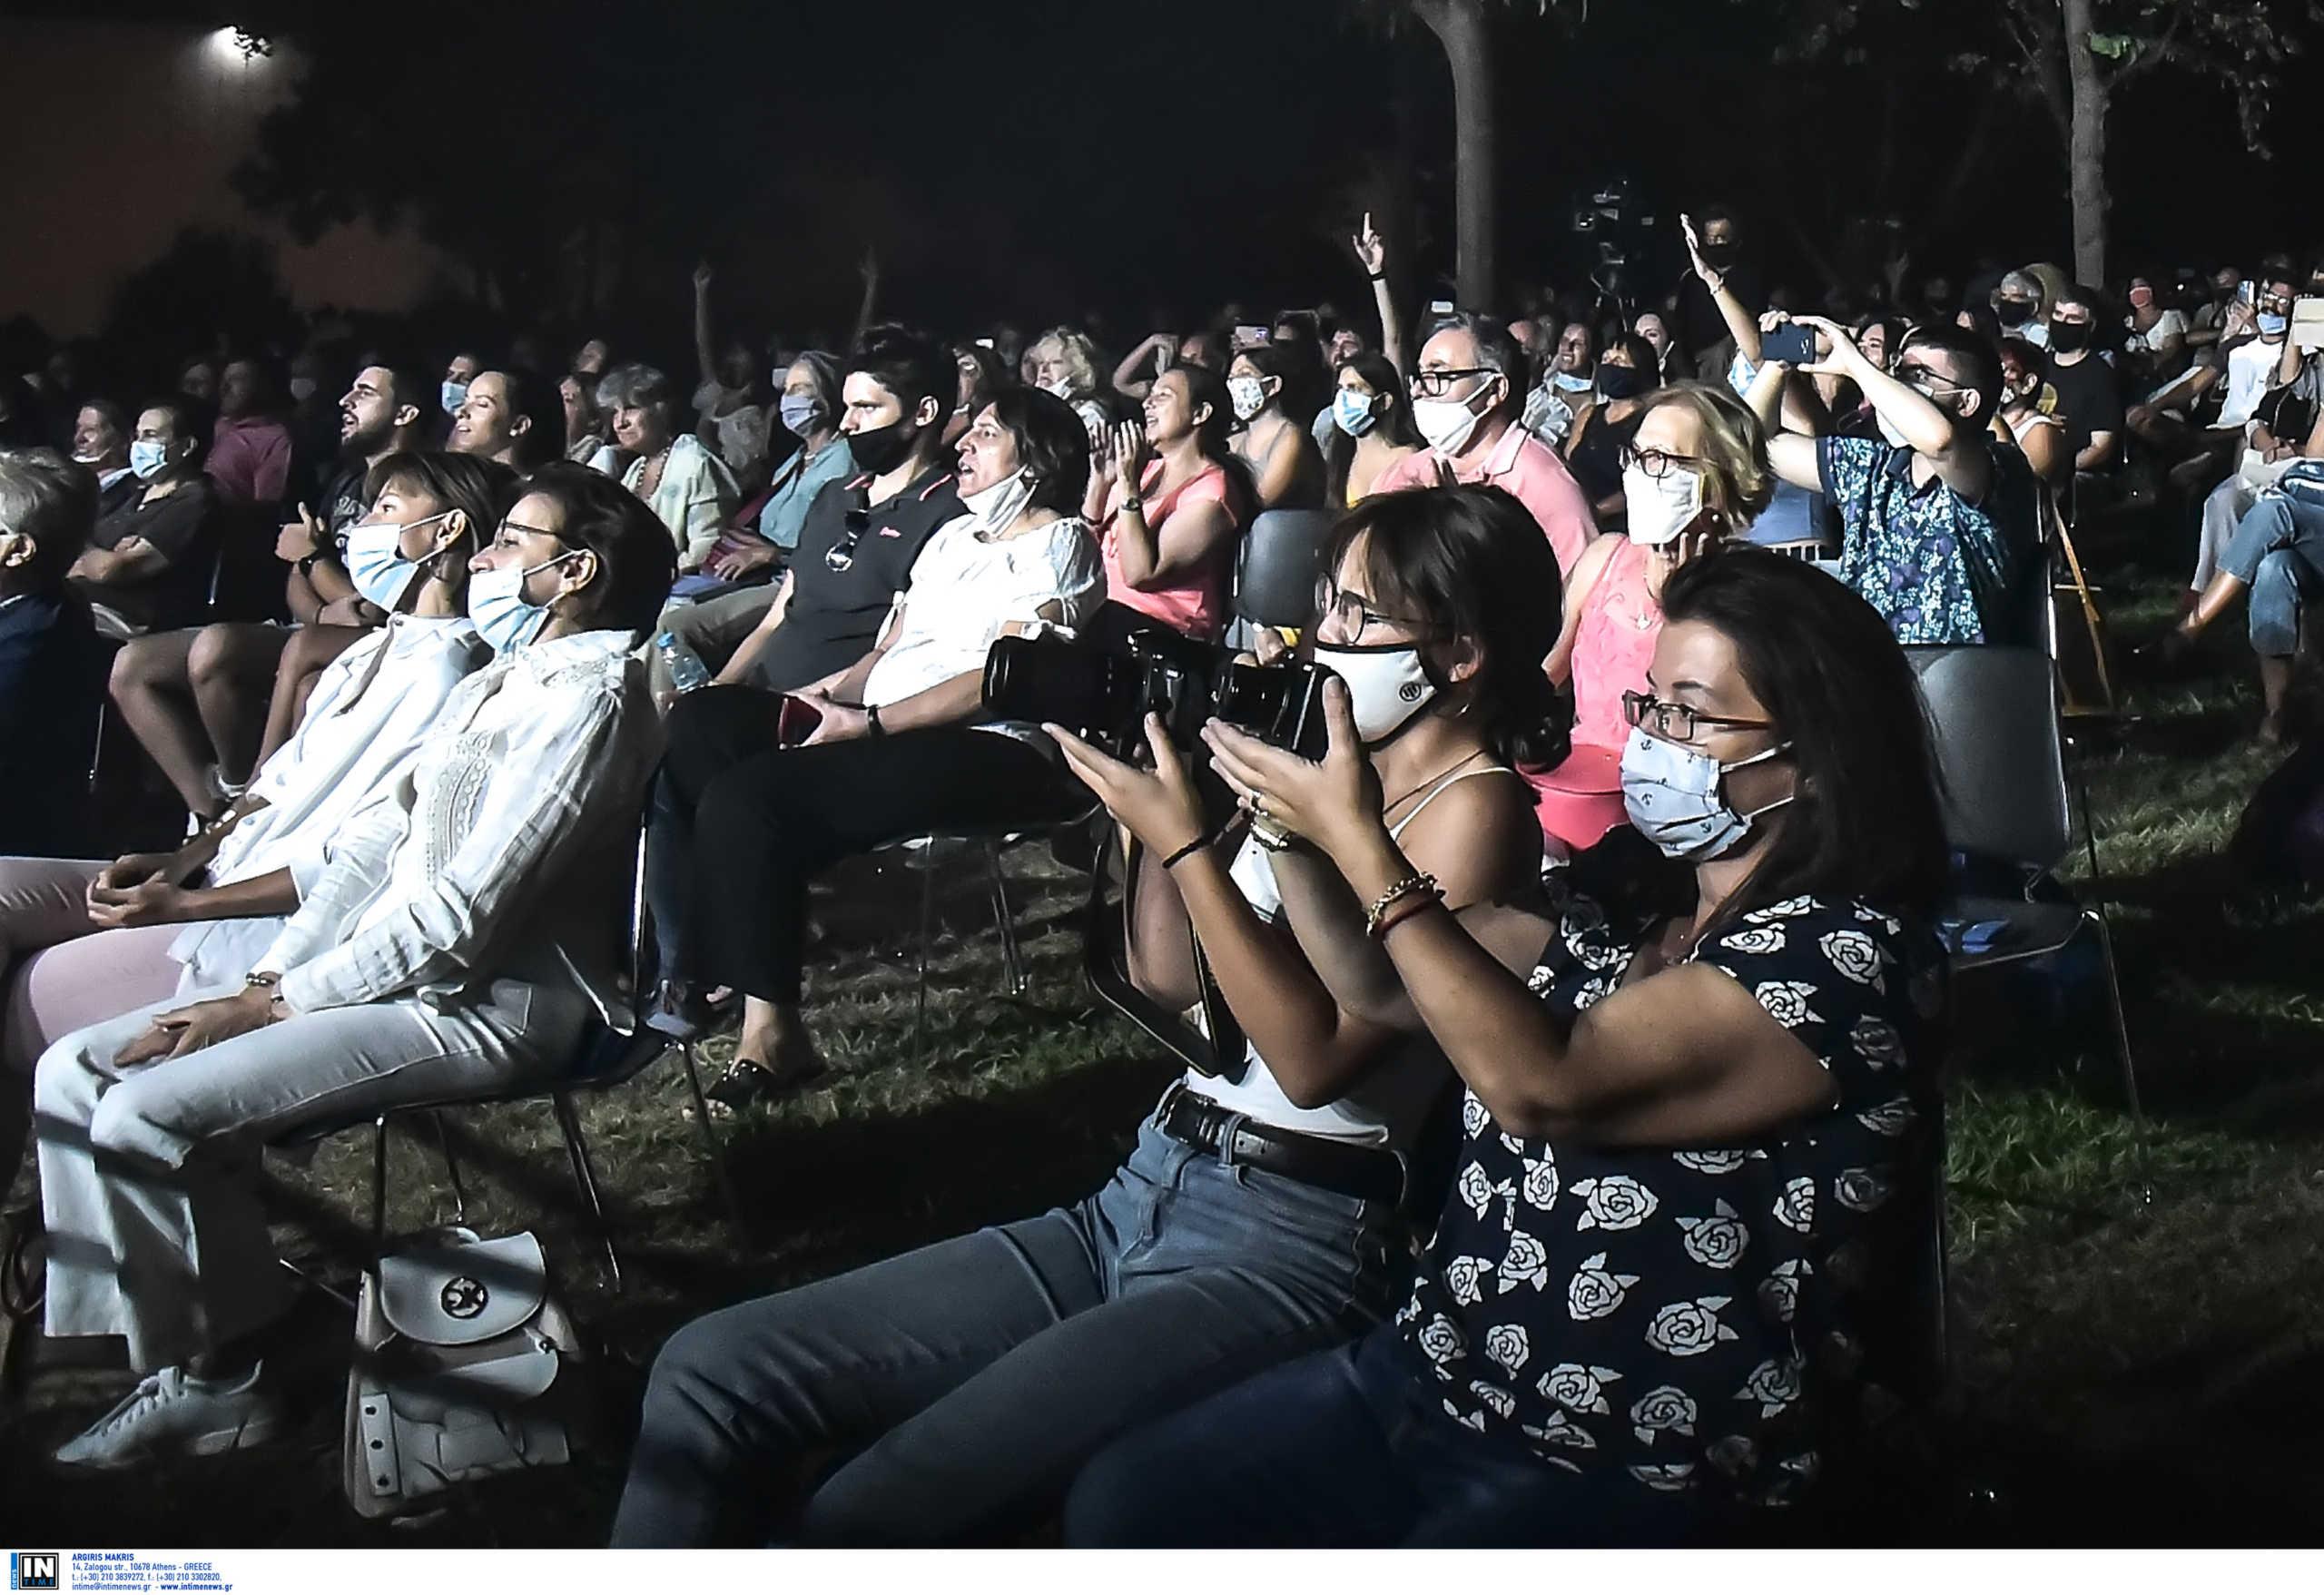 Παραγωγοί συναυλιών και παραστάσεων: Όποιος δεν φοράει μάσκα σε συναυλίες και θέατρα… έξω